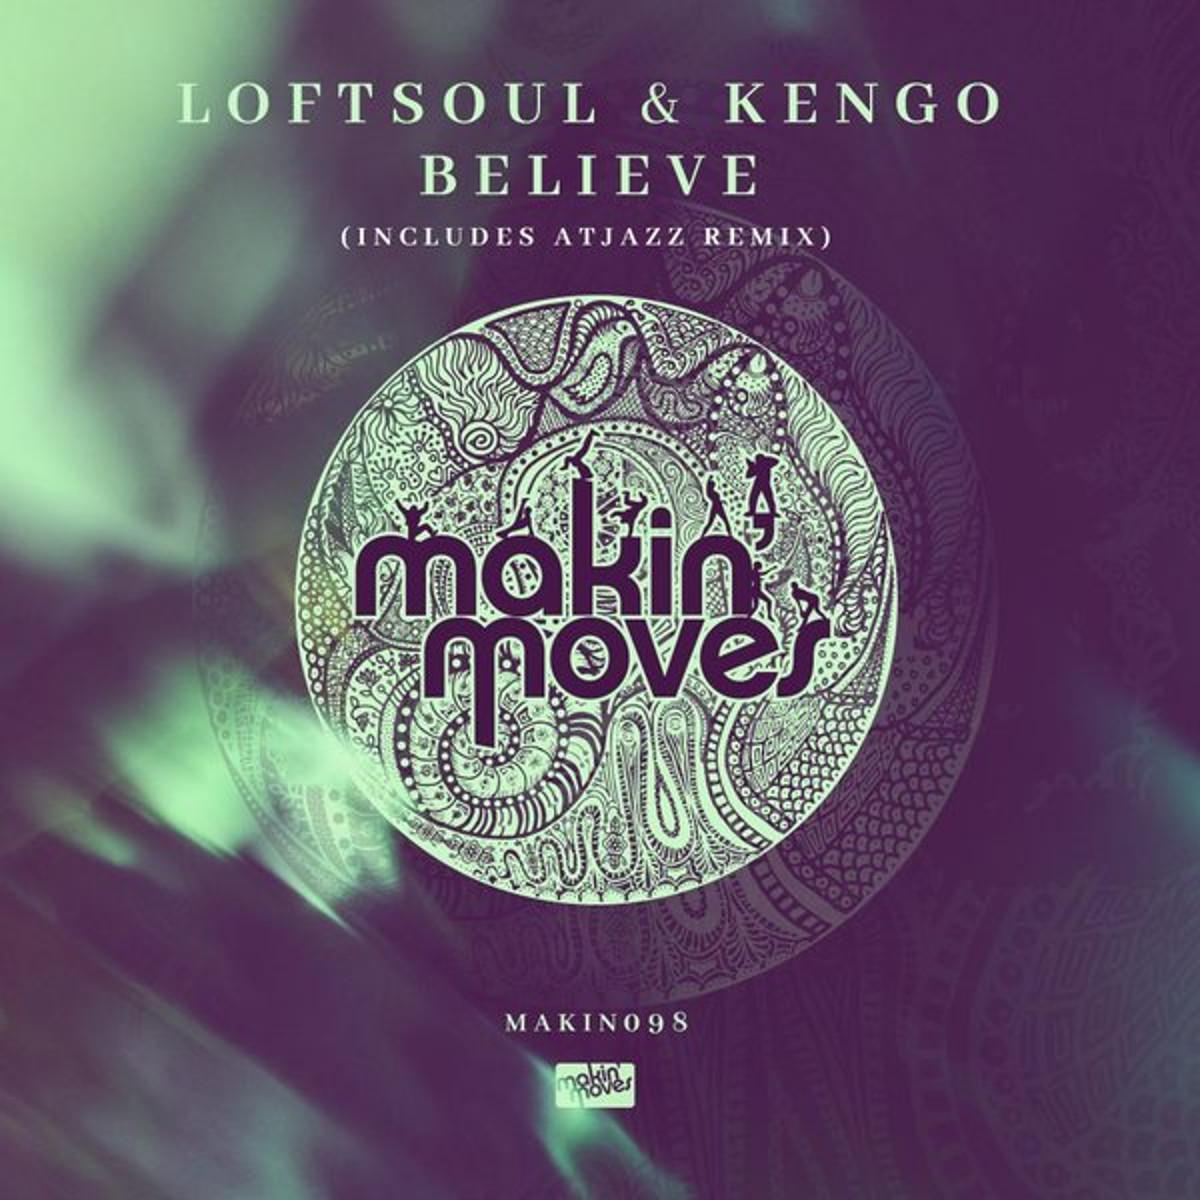 d5e03f89f3a680431 - Loftsoul & Kengo, Nadine Caesar – Believe (Atjazz Galaxy Aart Remix)